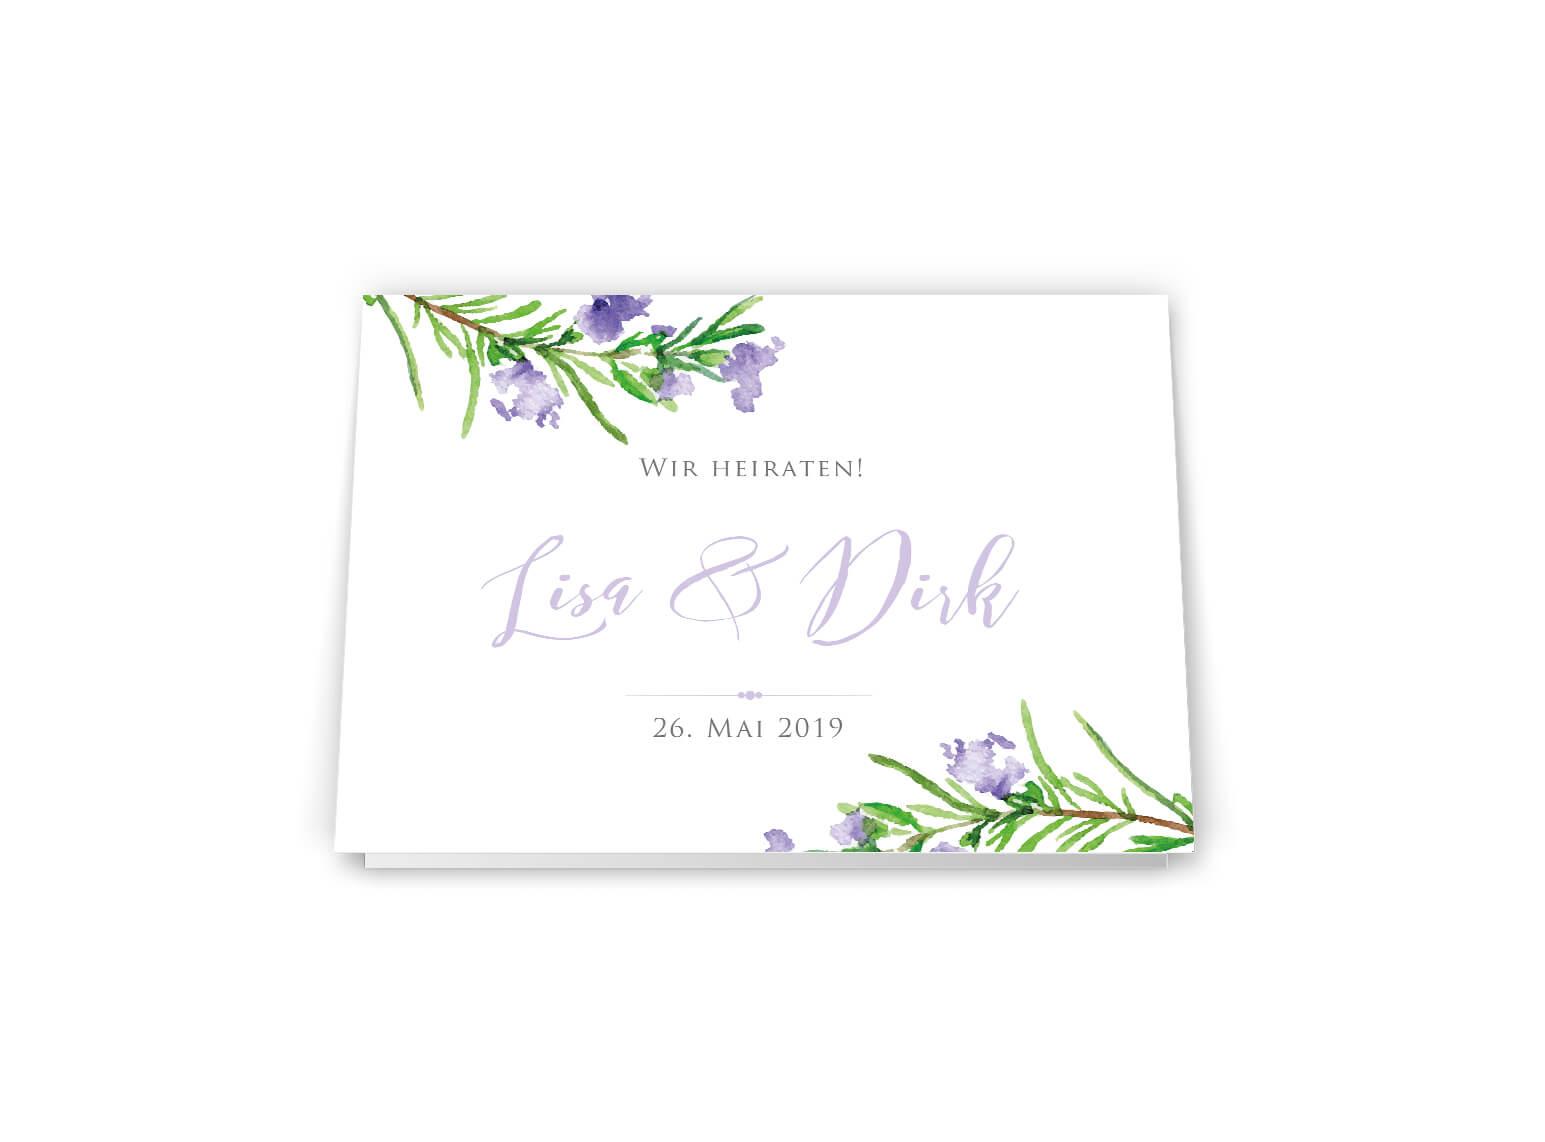 hochzeitseinladung-klappkarte-quer-aquarell-rosmarin-violet-kalligraphie-grau-gruen-aussen_MP0022-2.0.1.1